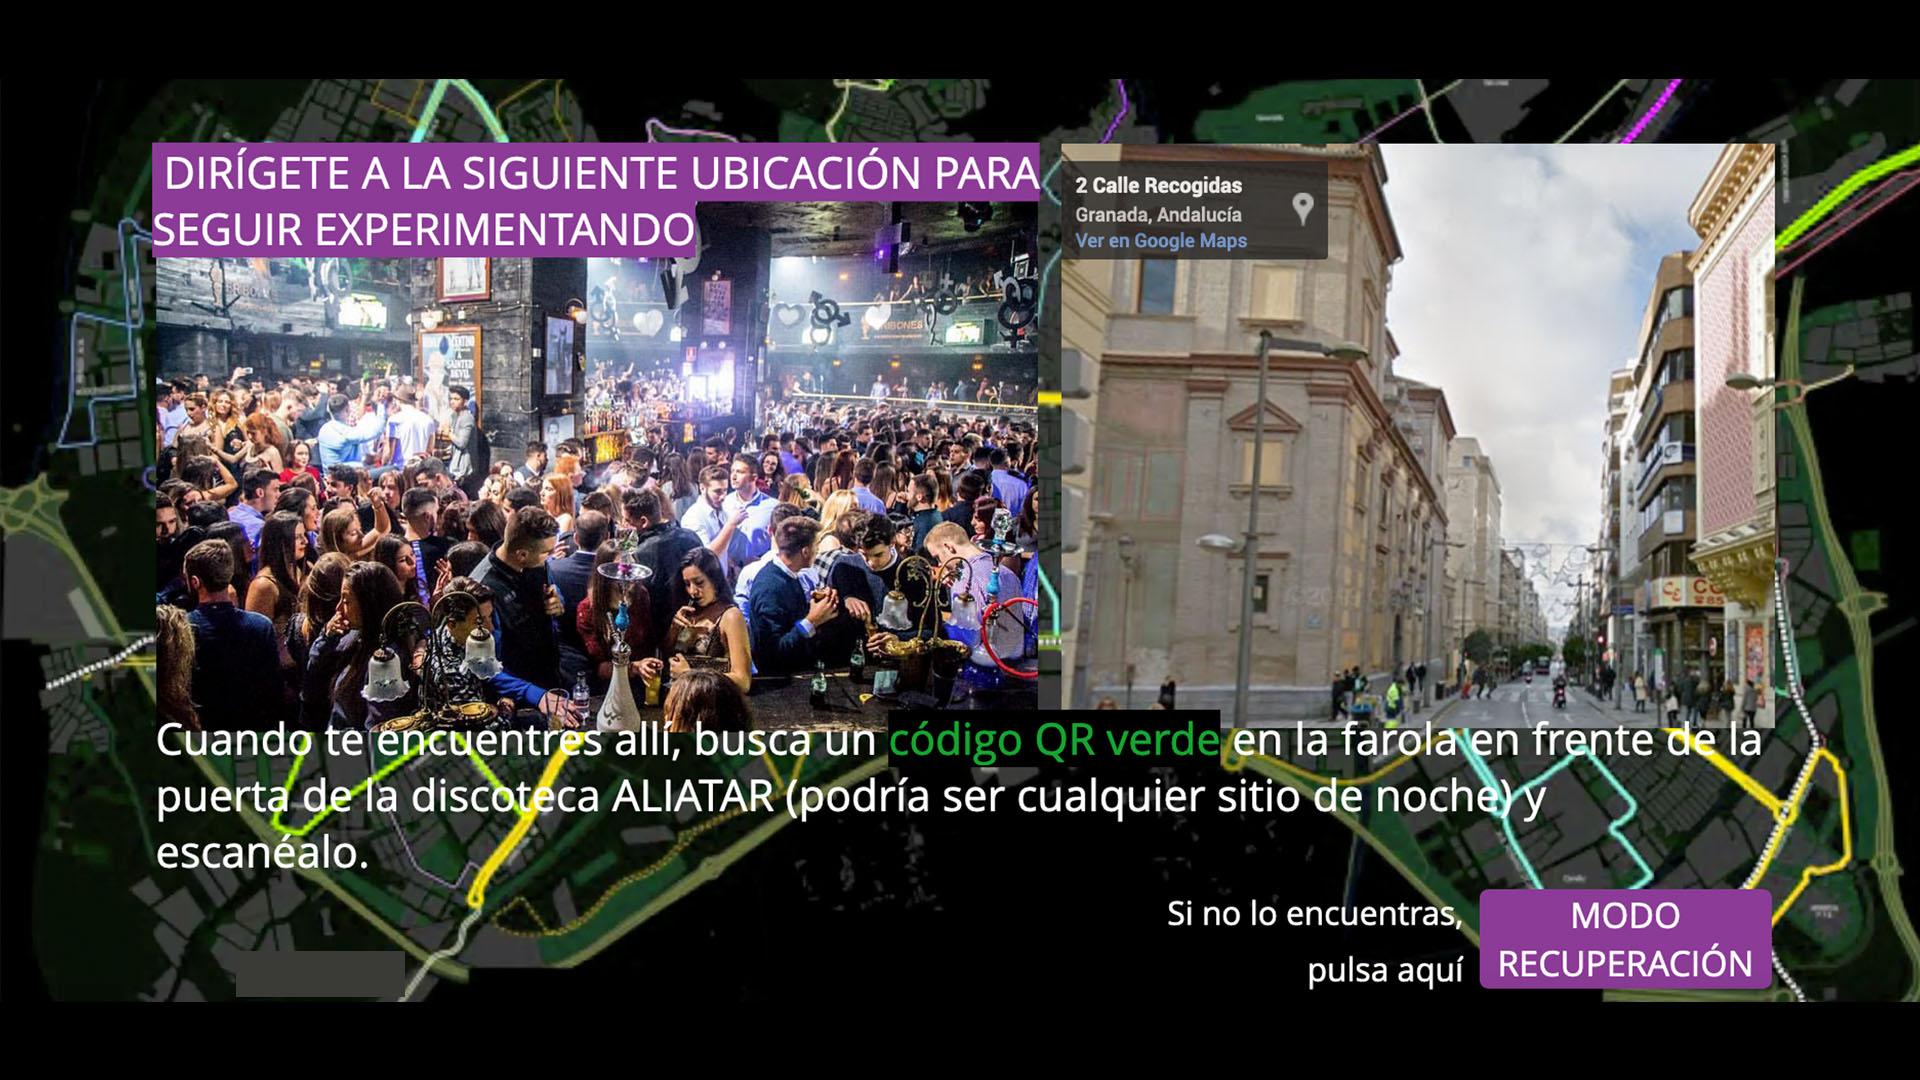 Juego Transmedia Realidad Alternativa (ARG) Utopi Malaga